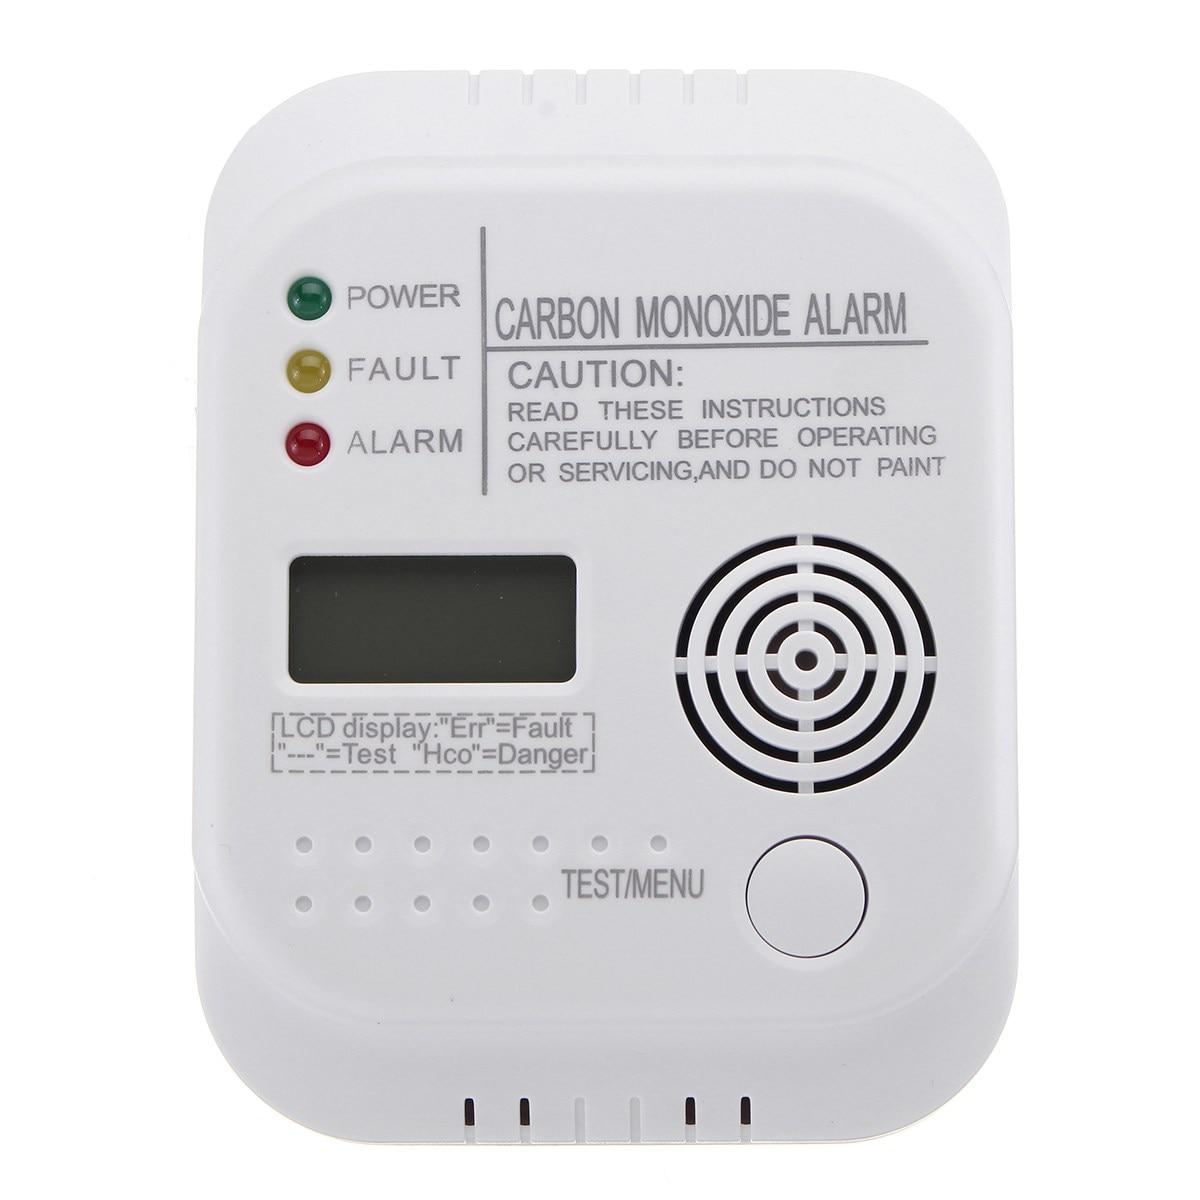 NEW CO Carbon Monoxide Alarm Detector LCD Digital Home Security Indepedent Sensor Safety safurance co carbon monoxide alarm detector lcd digital home security indepedent sensor safety